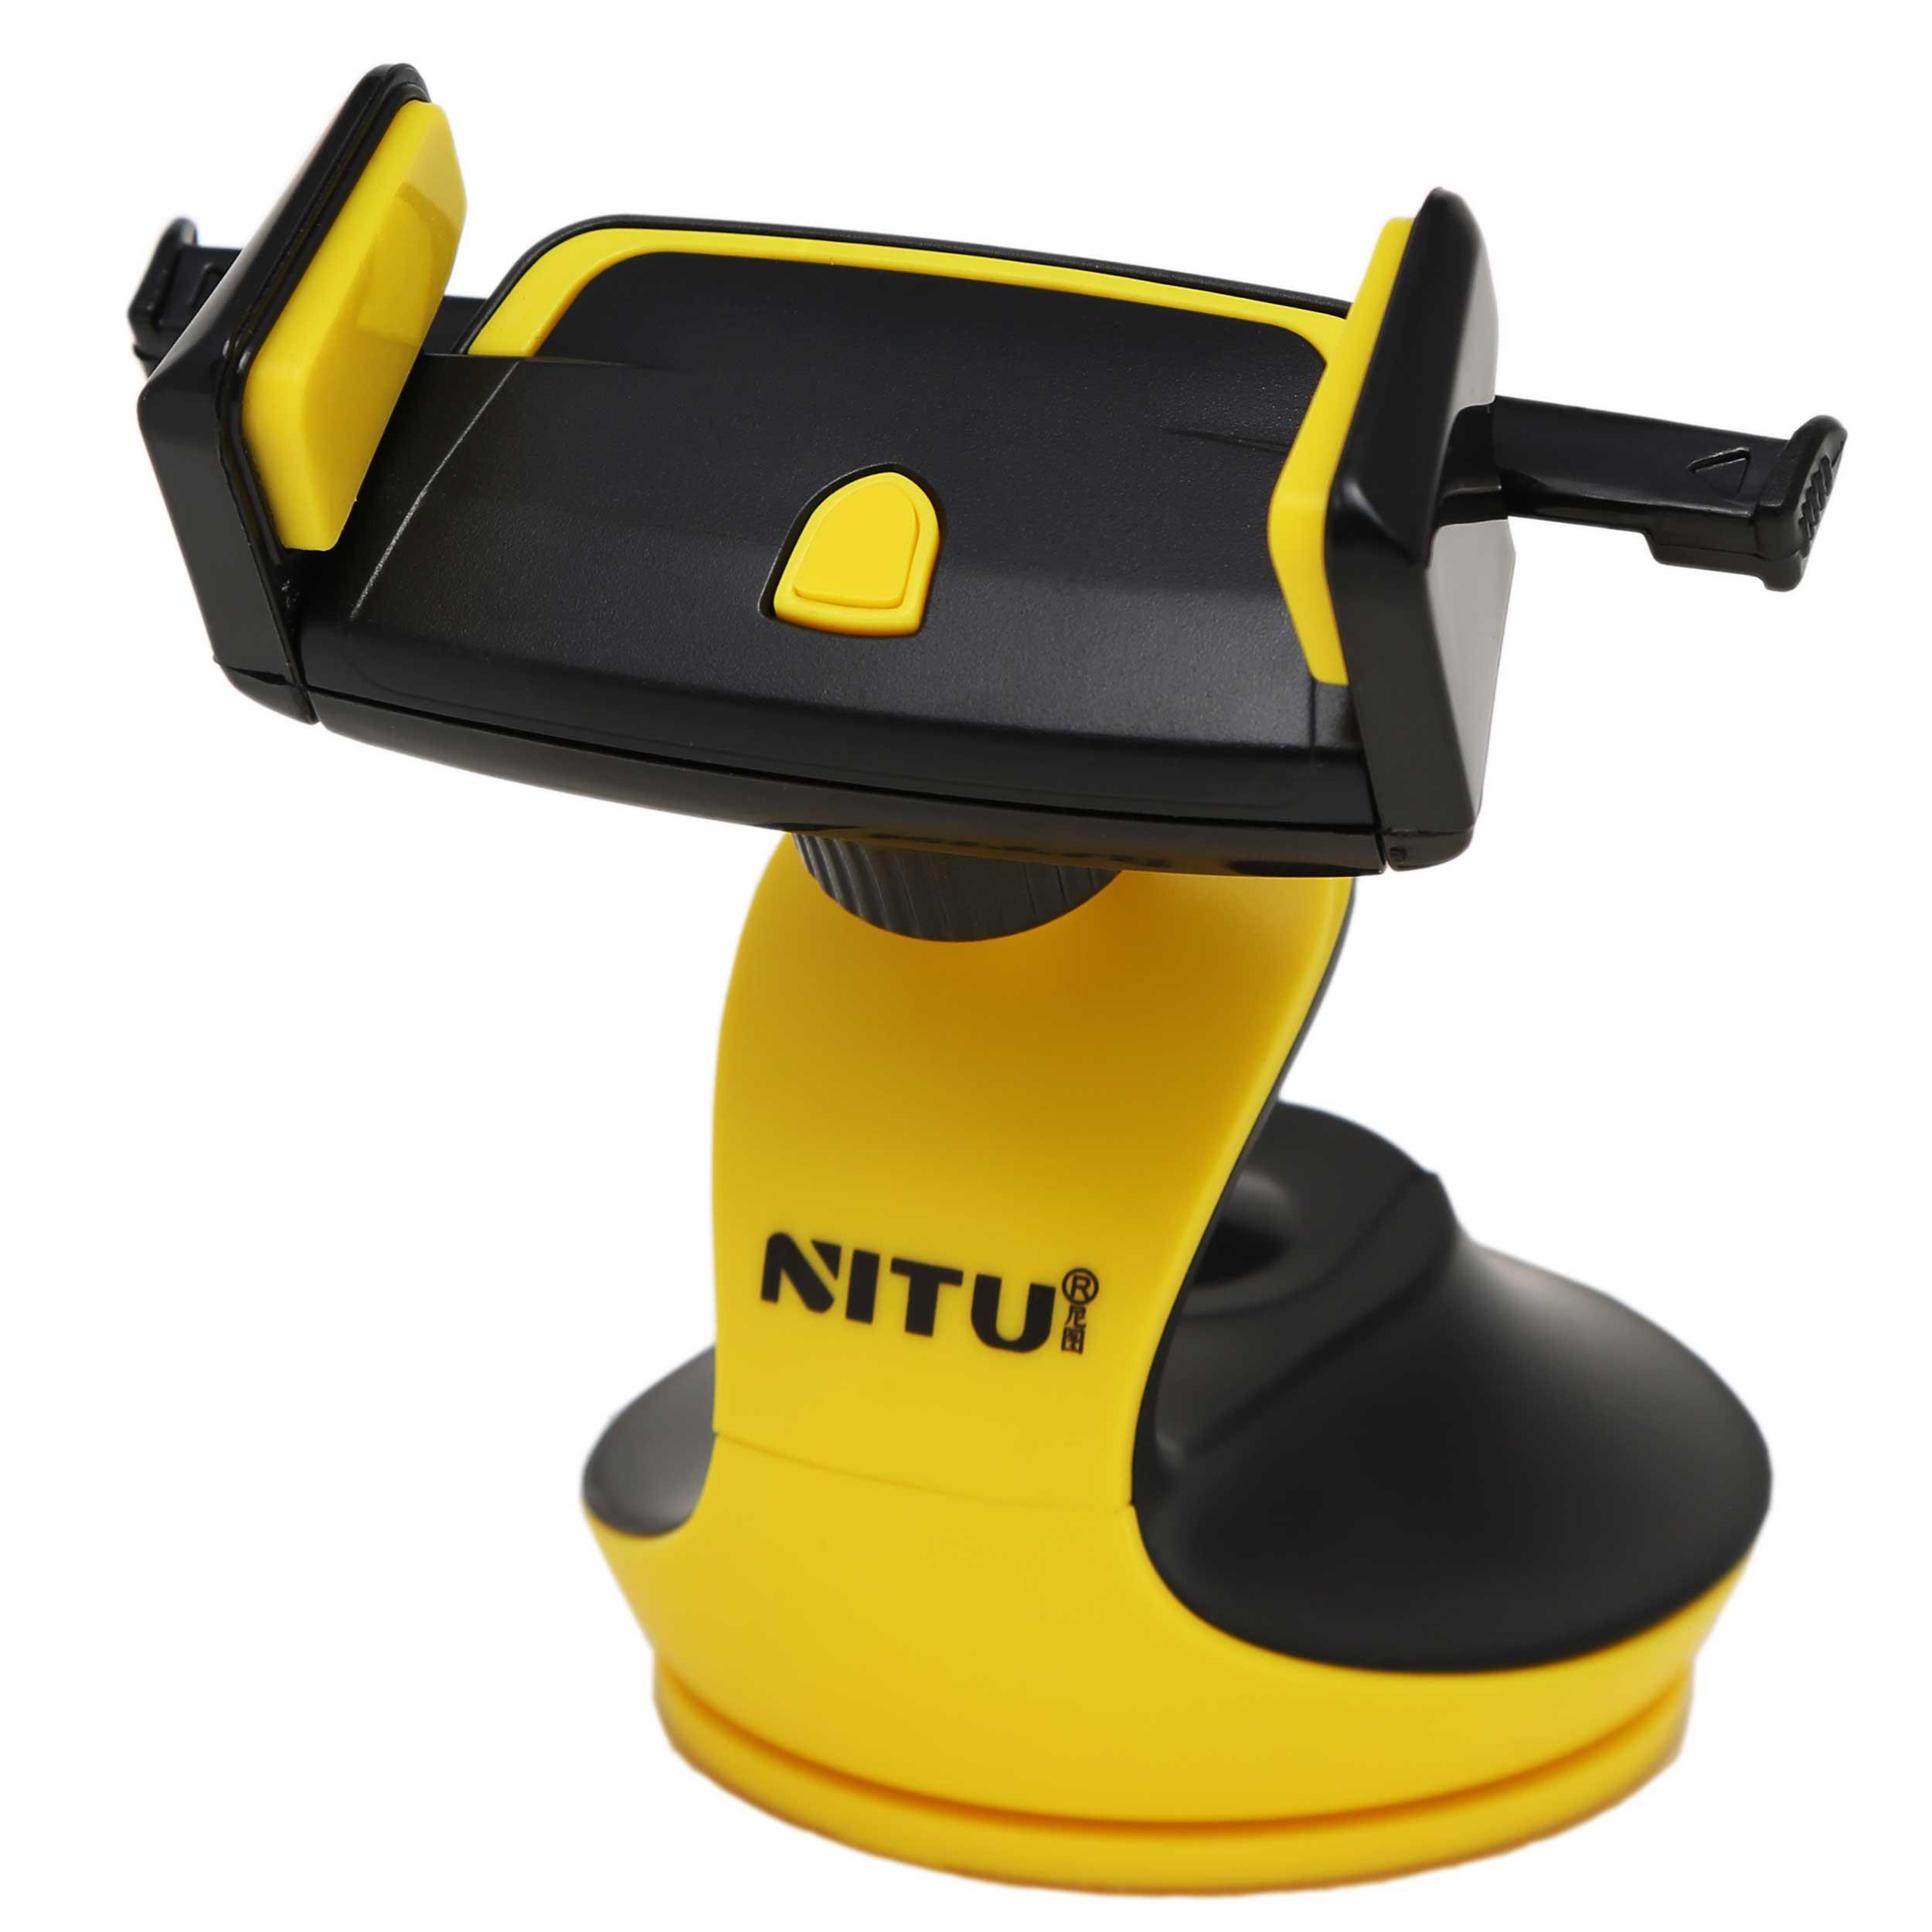 پایه نگهدارنده گوشی موبایل نیتو مدل NT_NH05